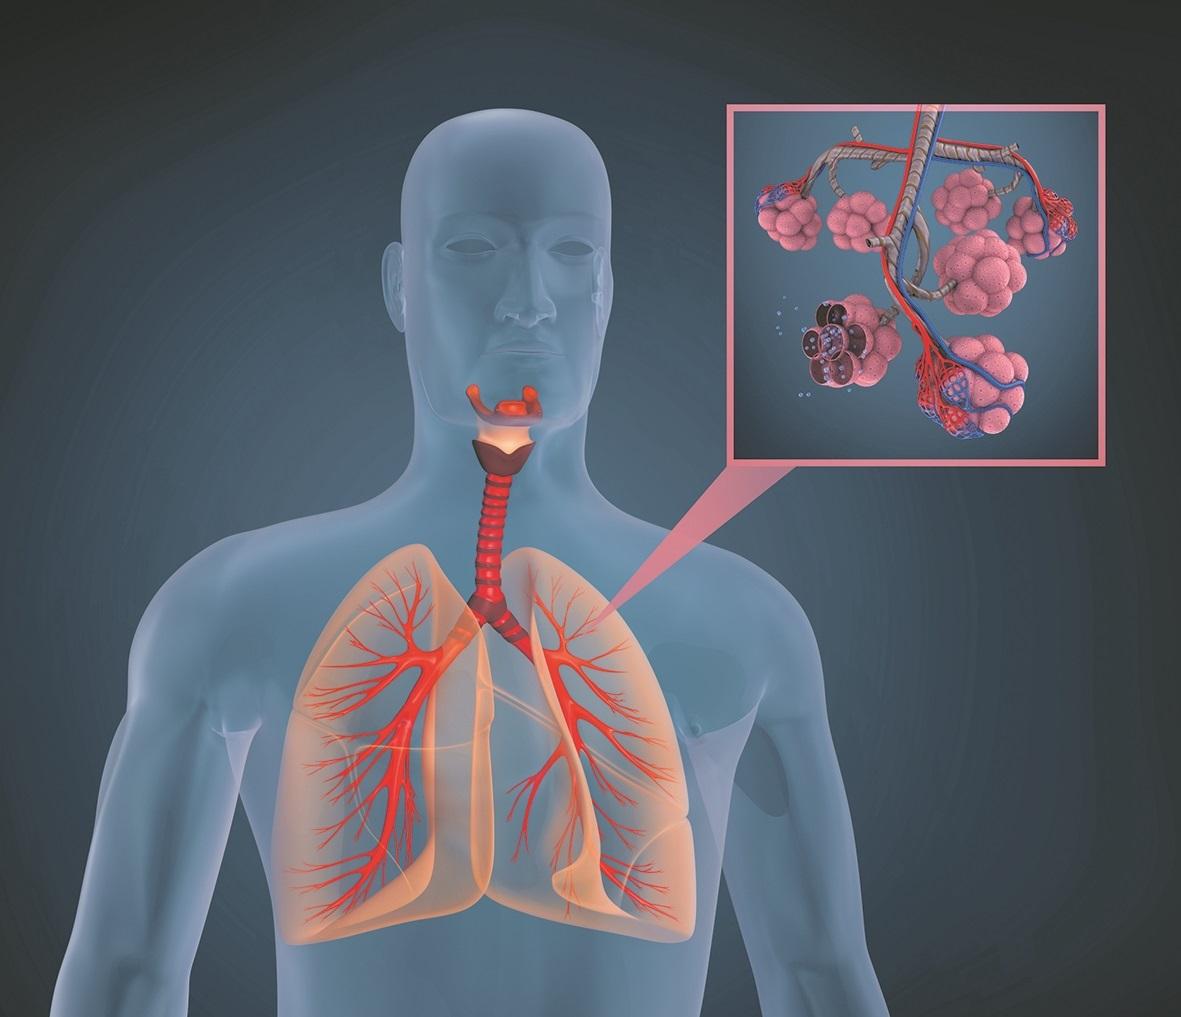 Darstellung des menschlichen Körpers, Schwerpunkt auf die Lunge.